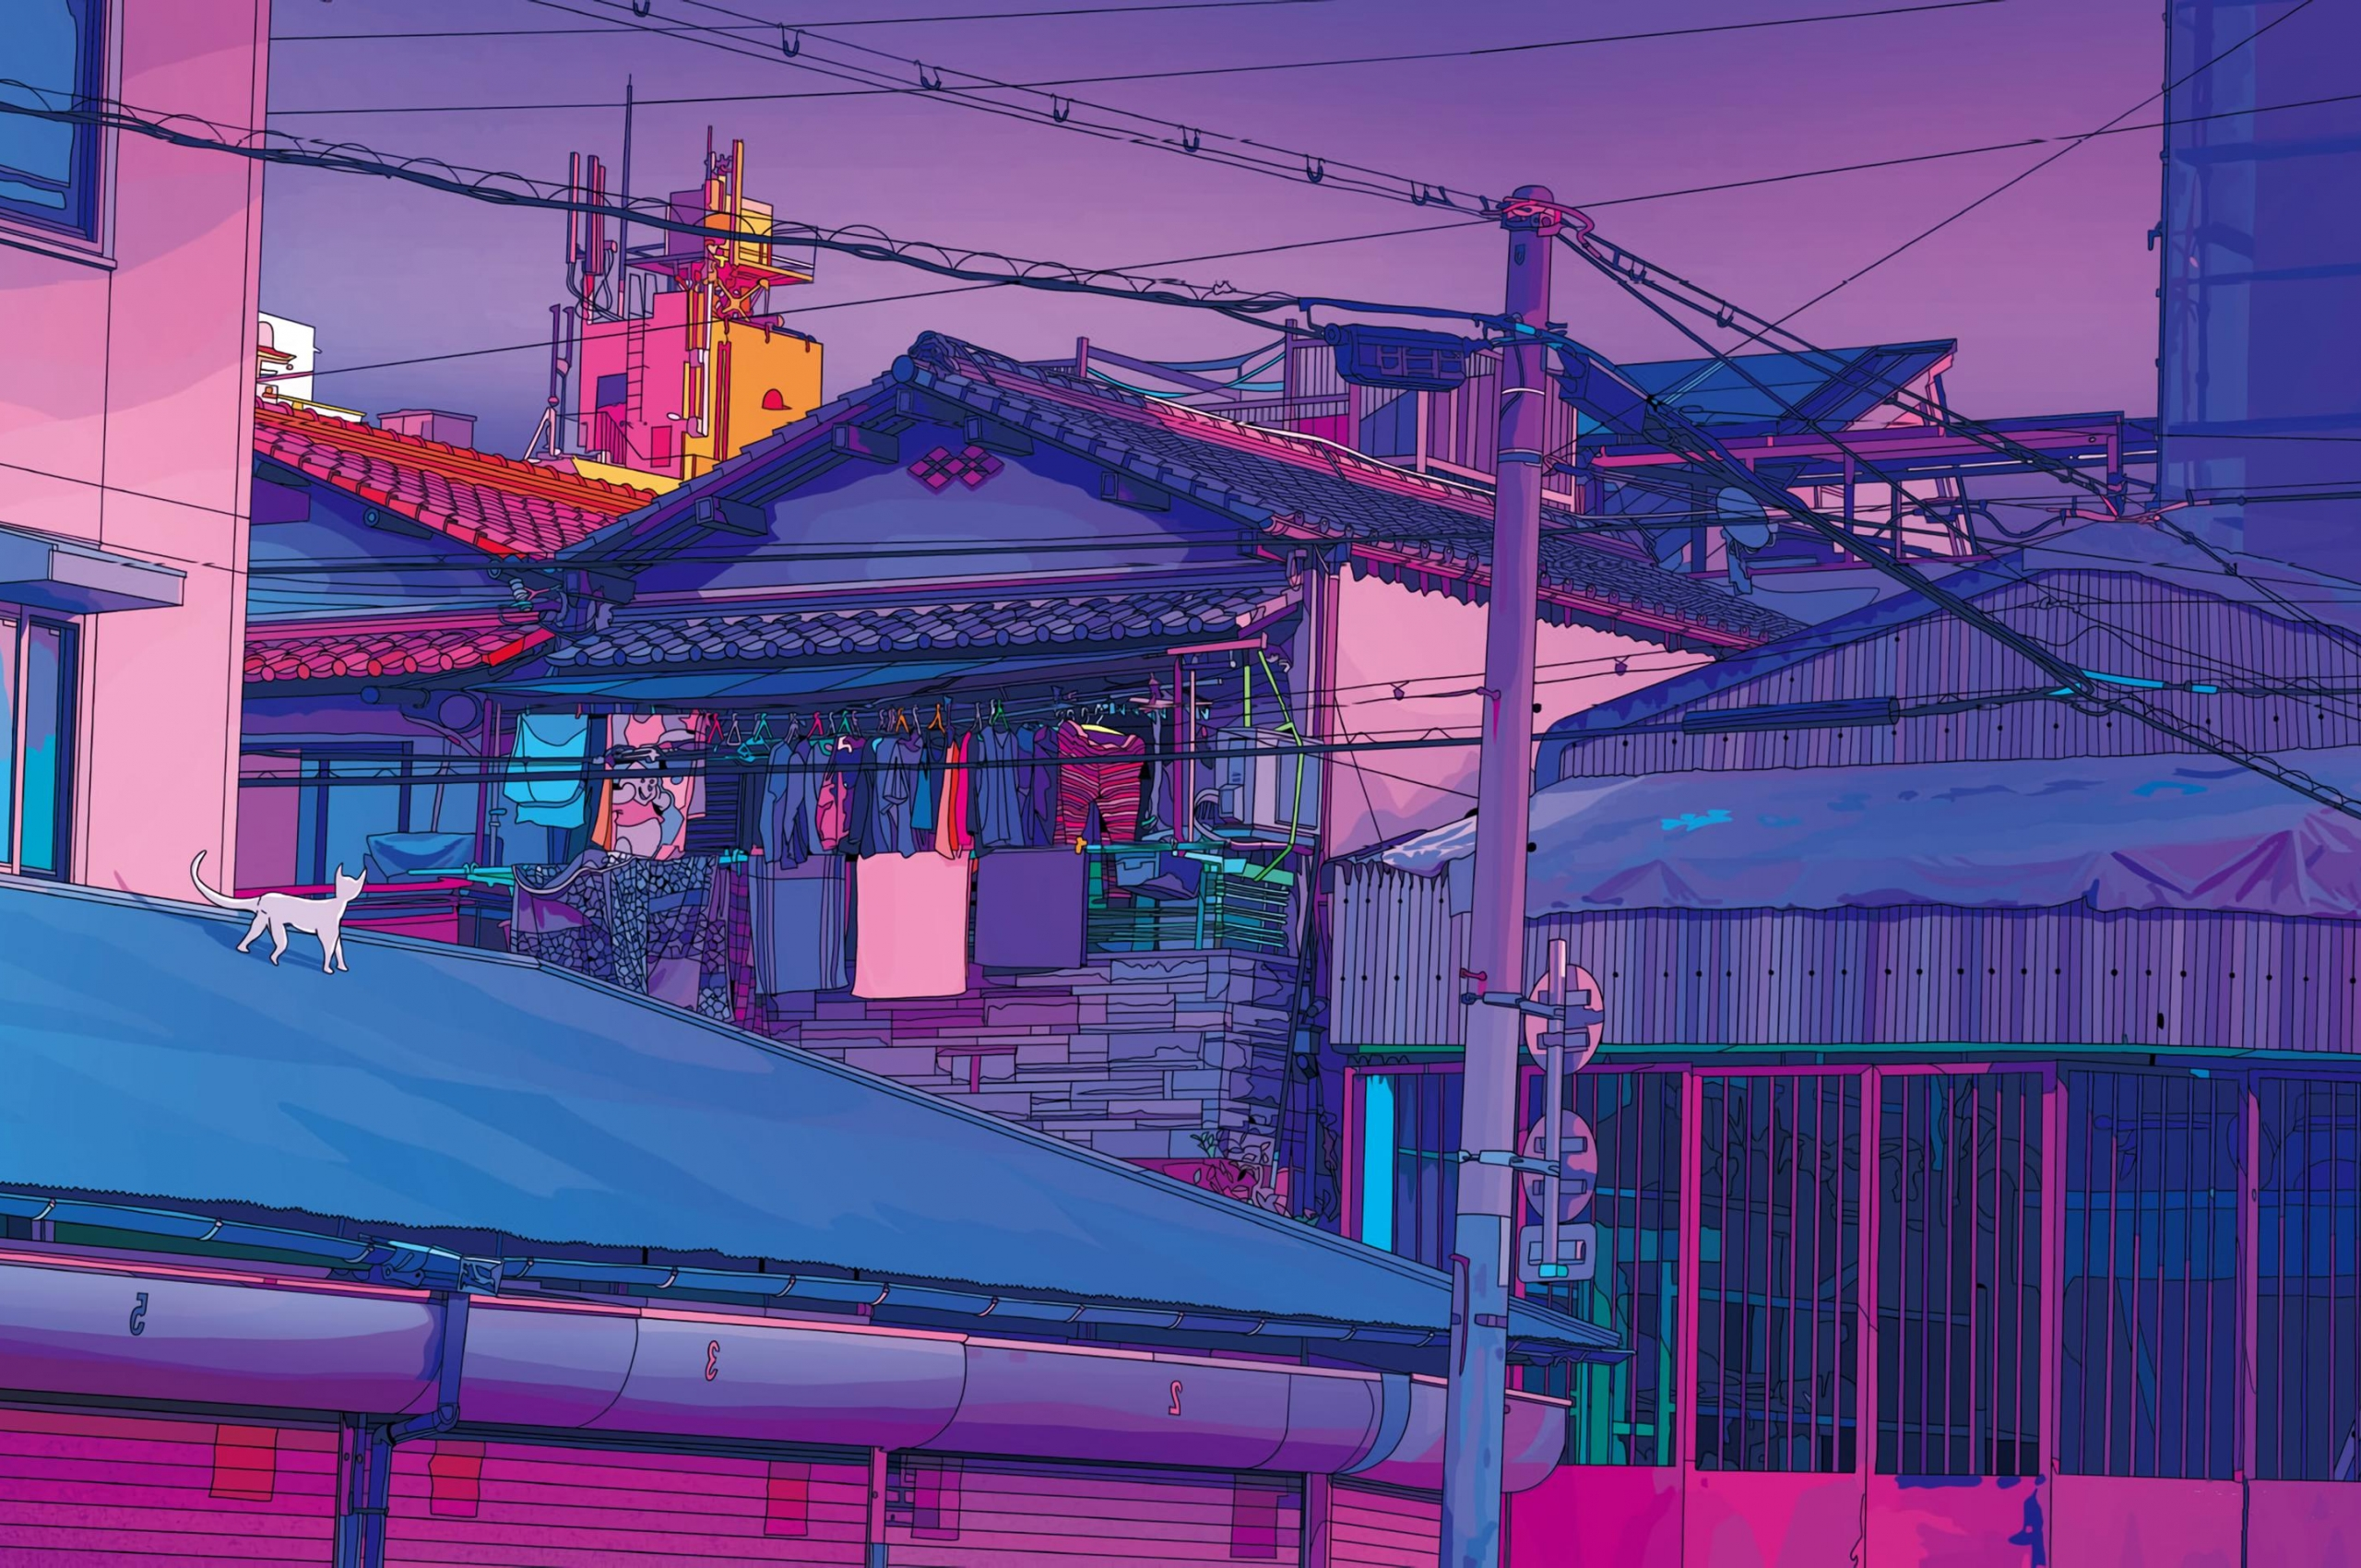 Aesthetic Tokyo 4k Wallpaper - Aesthetic Wallpaper Desktop ...